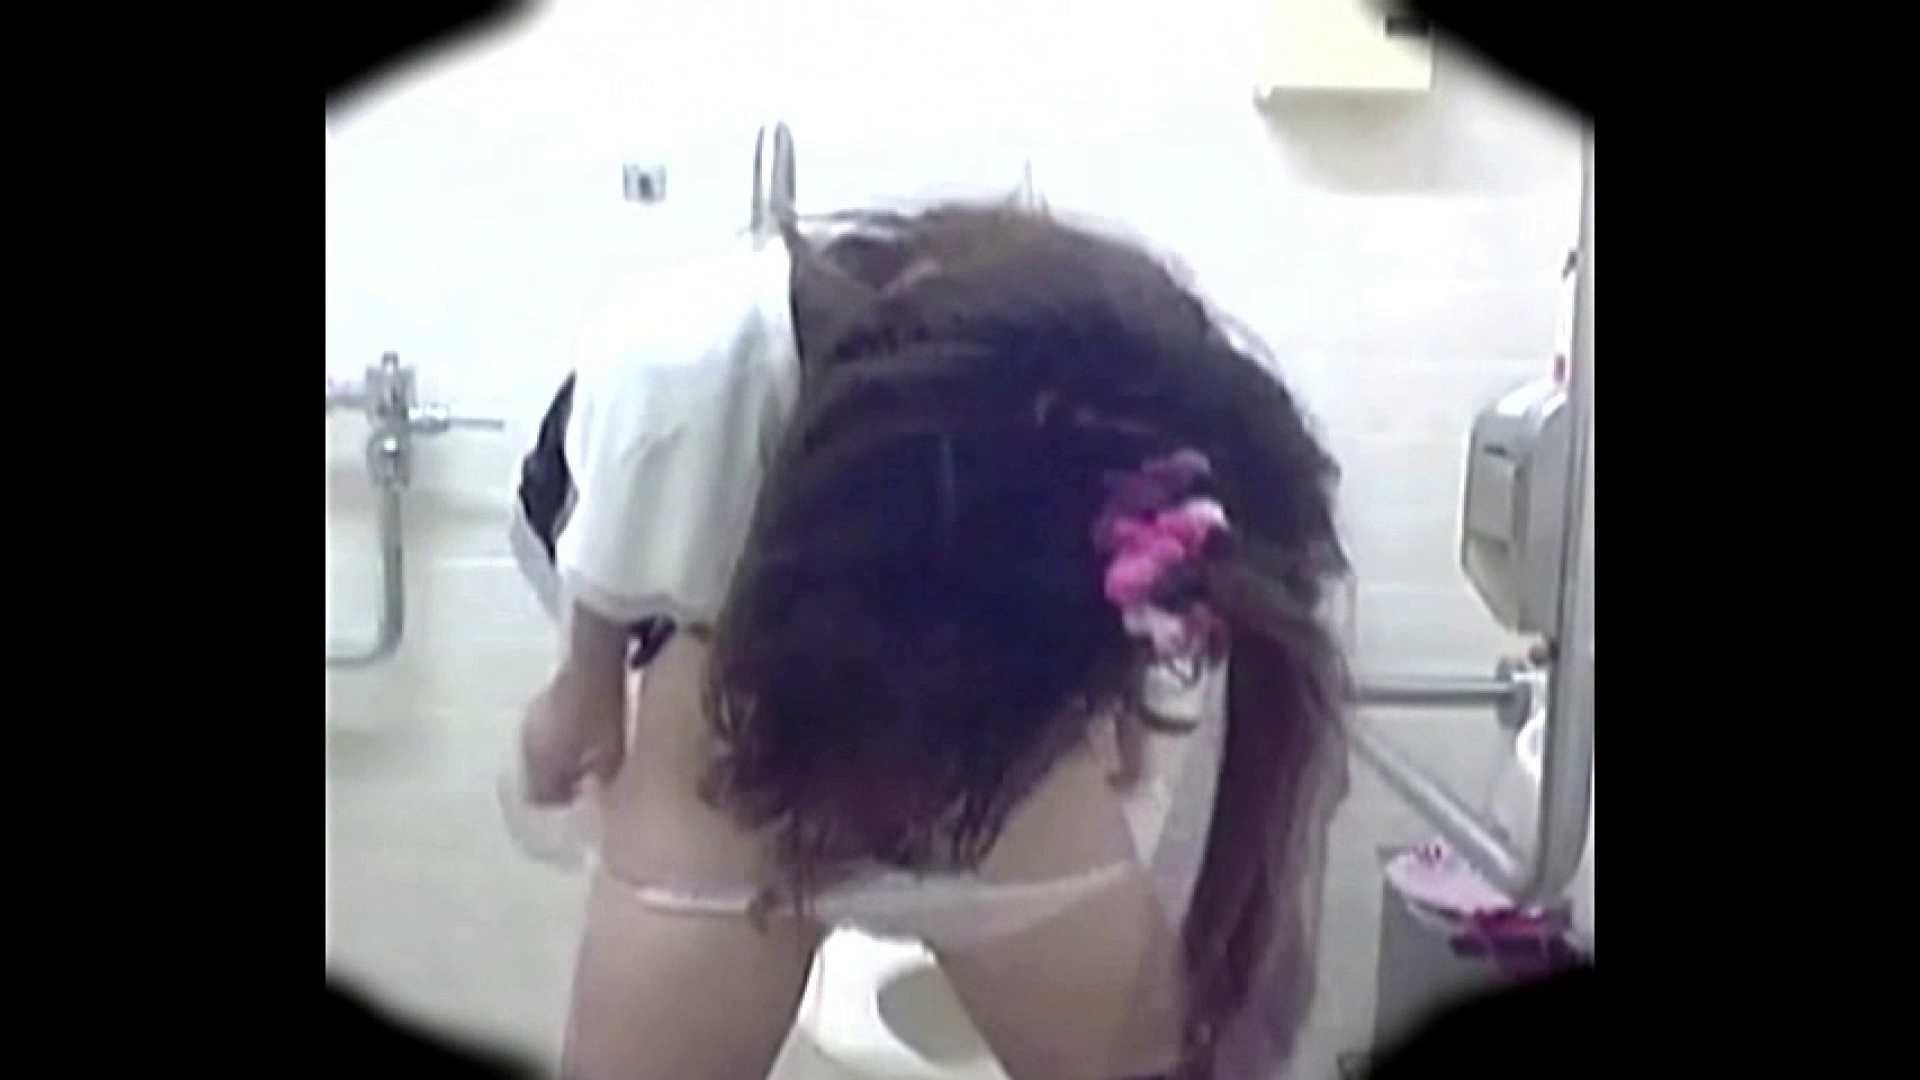 teen galトイレ覗き紙がナイ編‼vol.03 覗き エロ画像 83pic 63